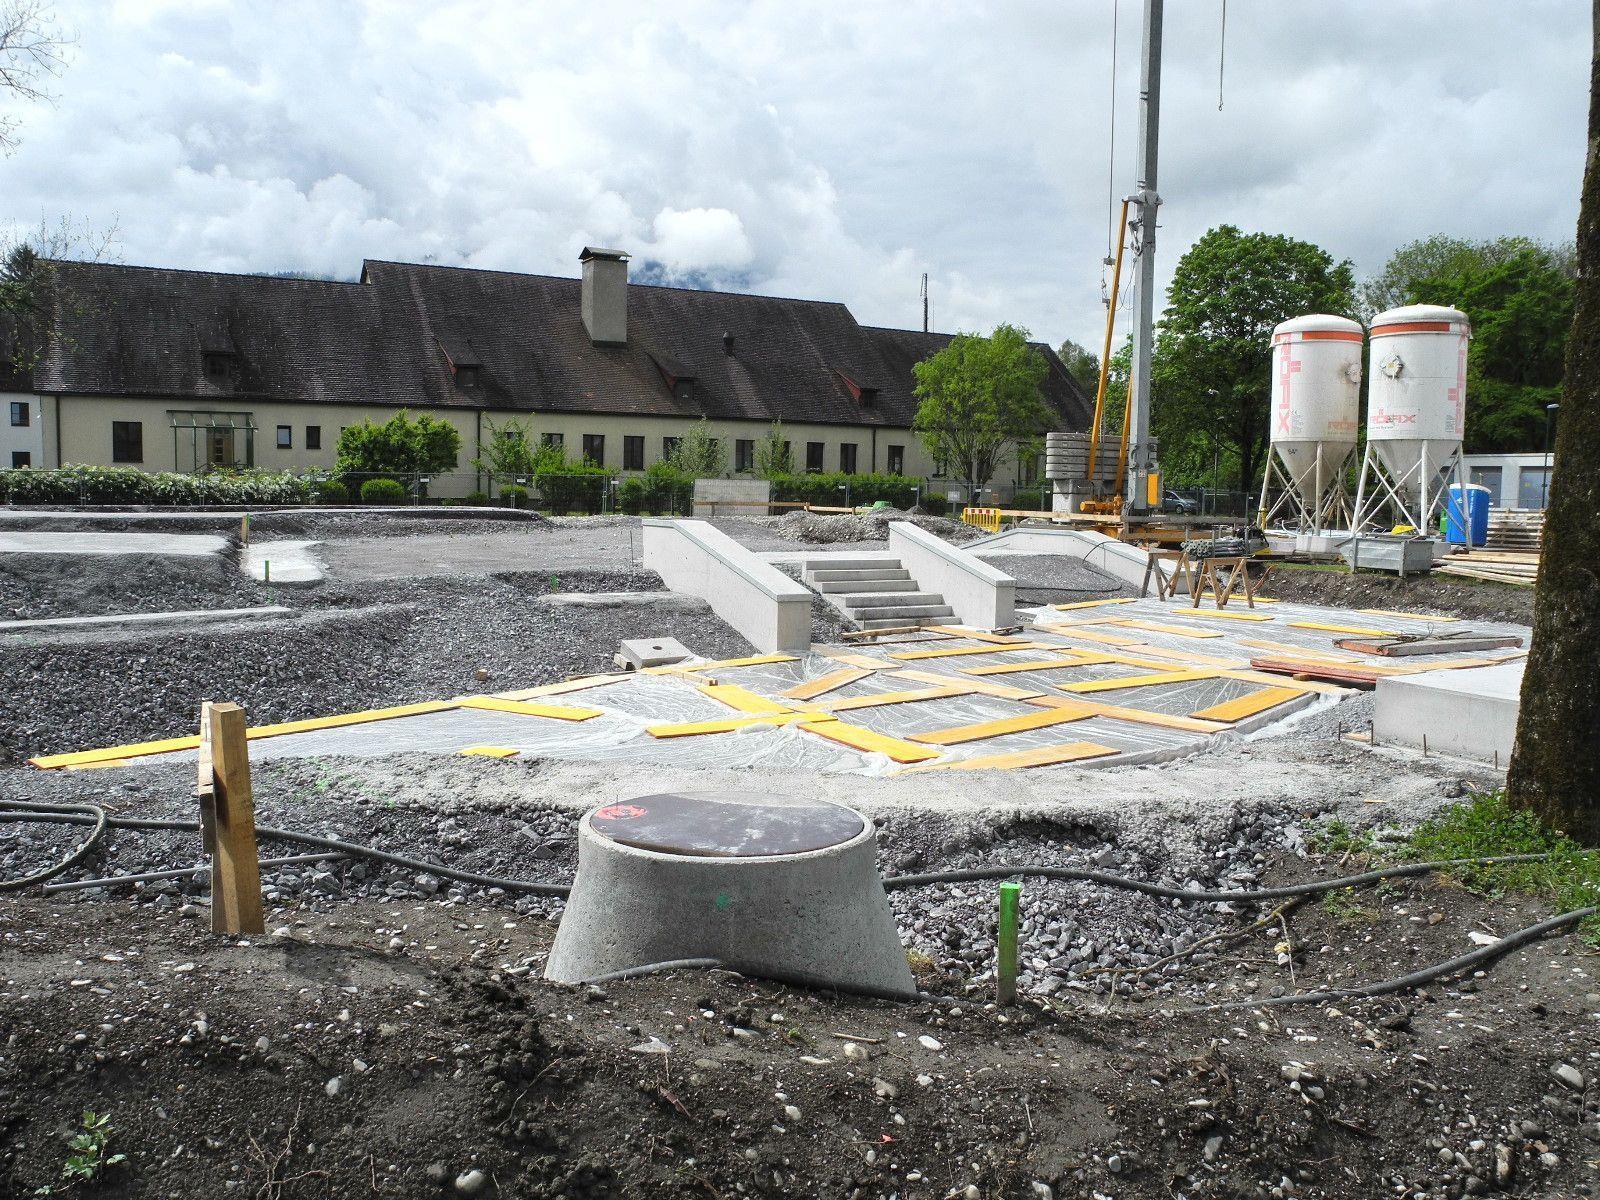 Auf diesem Bild sind deutlich die anspruchsvollen Betonierarbeiten für den künftigen Skaterpark erkennbar